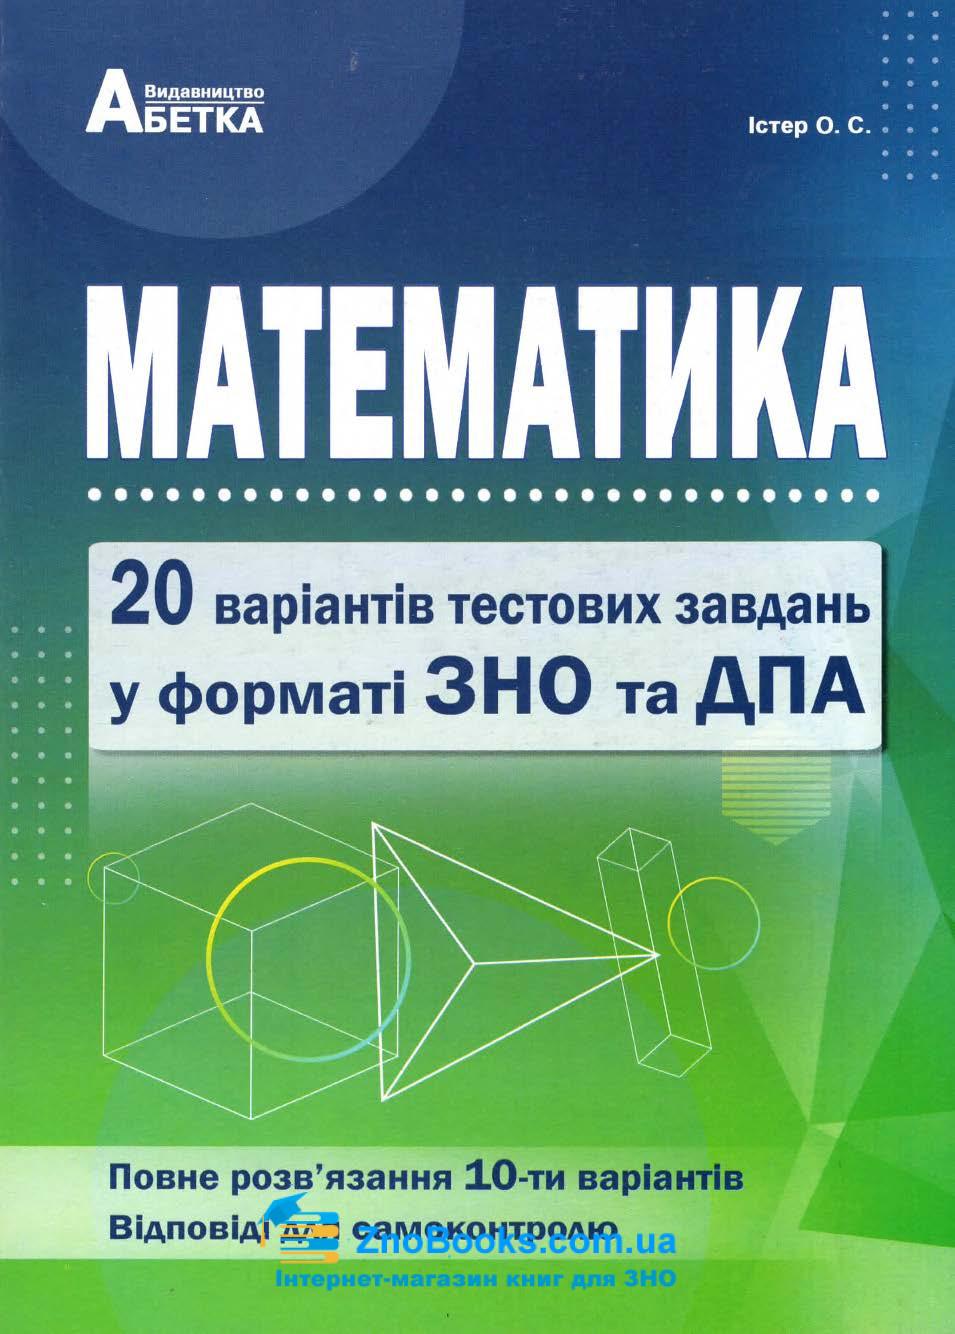 Математика : Довідник + тести та 20 варіантів тестів у форматі ЗНО 2022 : Істер О. Абетка. купити 10